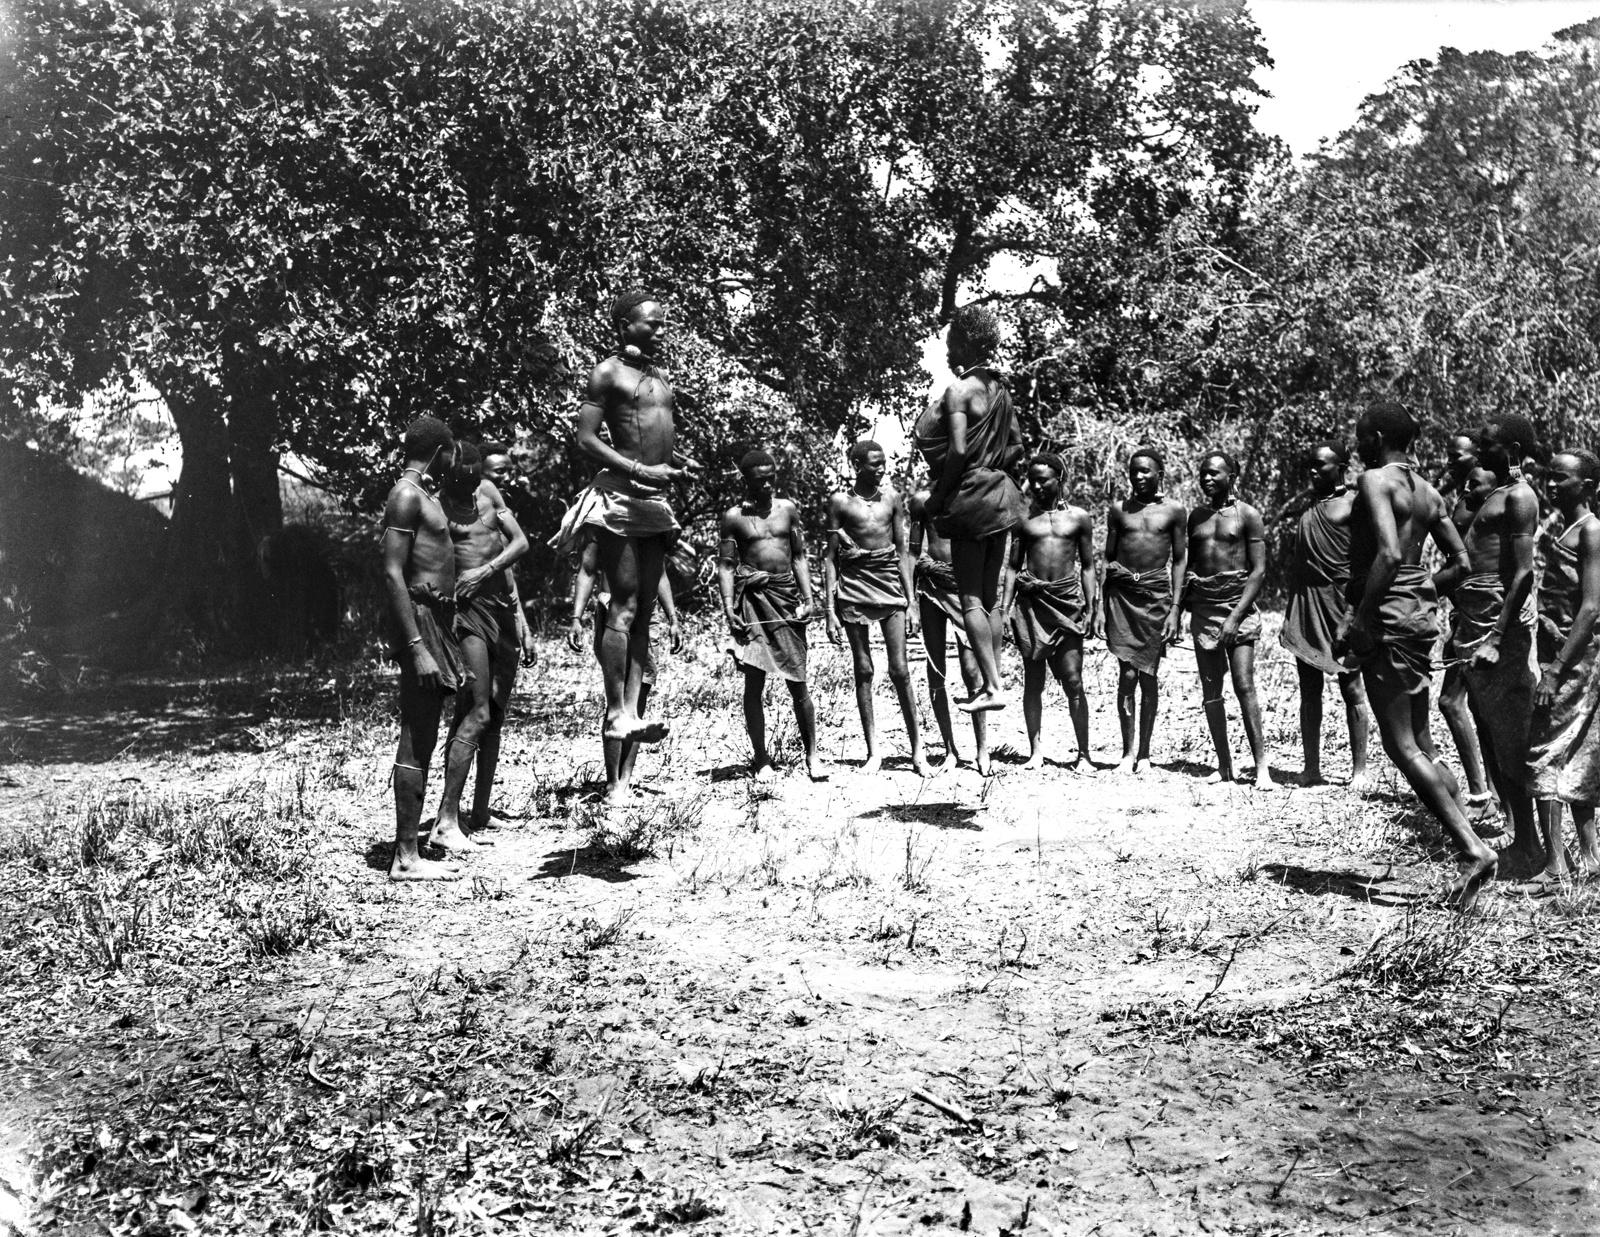 03. Группа людей басонжо во время танца у лагеря Ндалалани. Танцоры прыгают на два фута высотой, вытянув тела